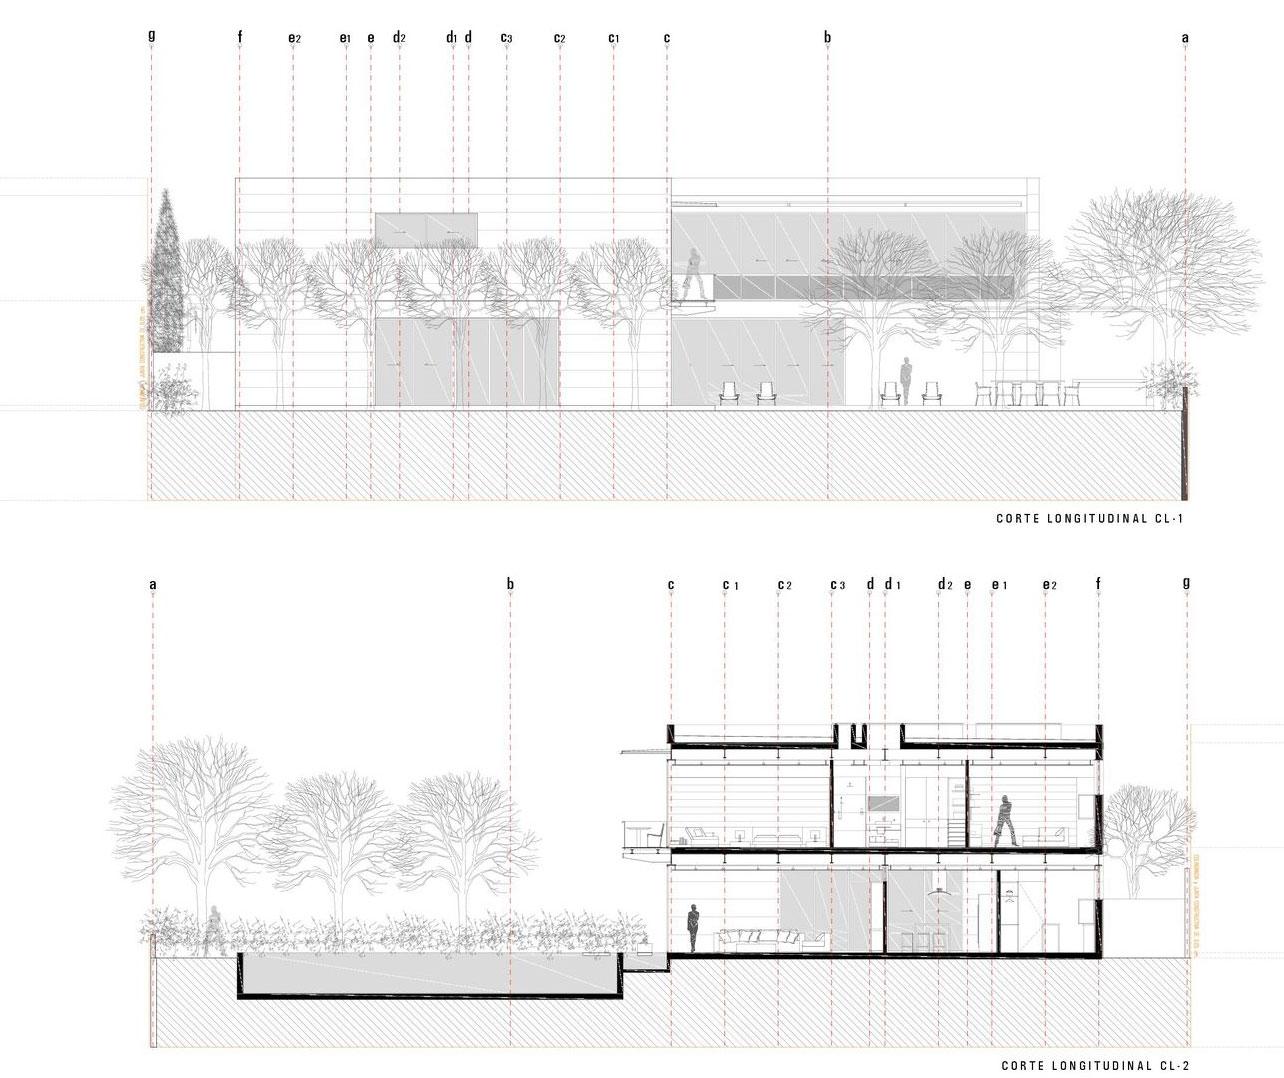 Dalias House grupoarquitectura-35